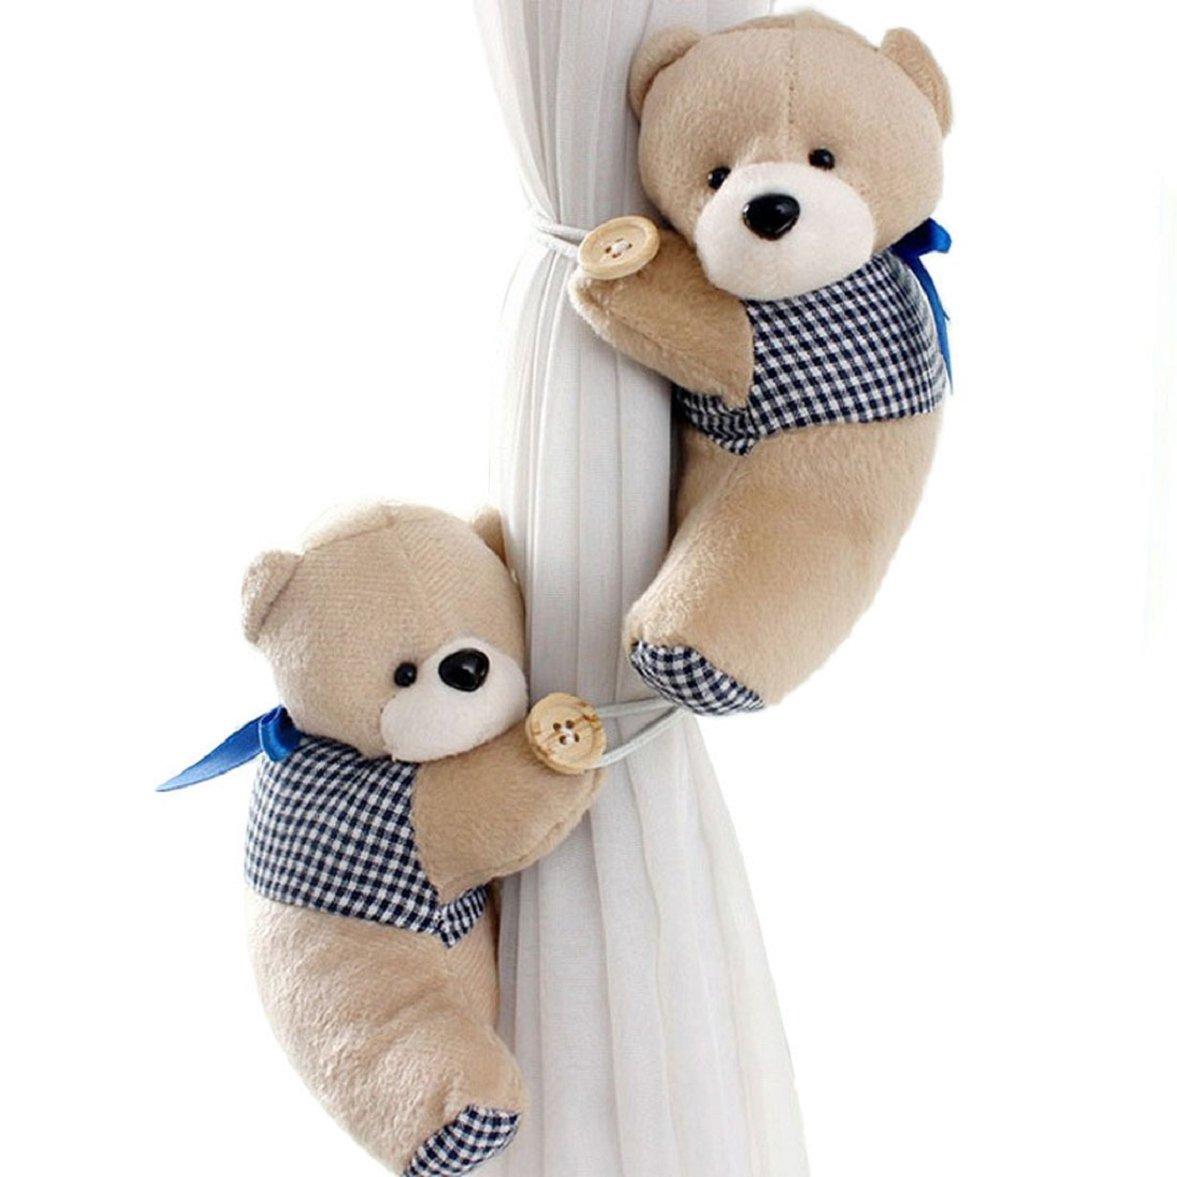 Culater® 1 Paar Bär Winnie Karikatur Vorhang Raffhalter Schnalle Spannhaken Verschluss Curtain Tieback (grau)